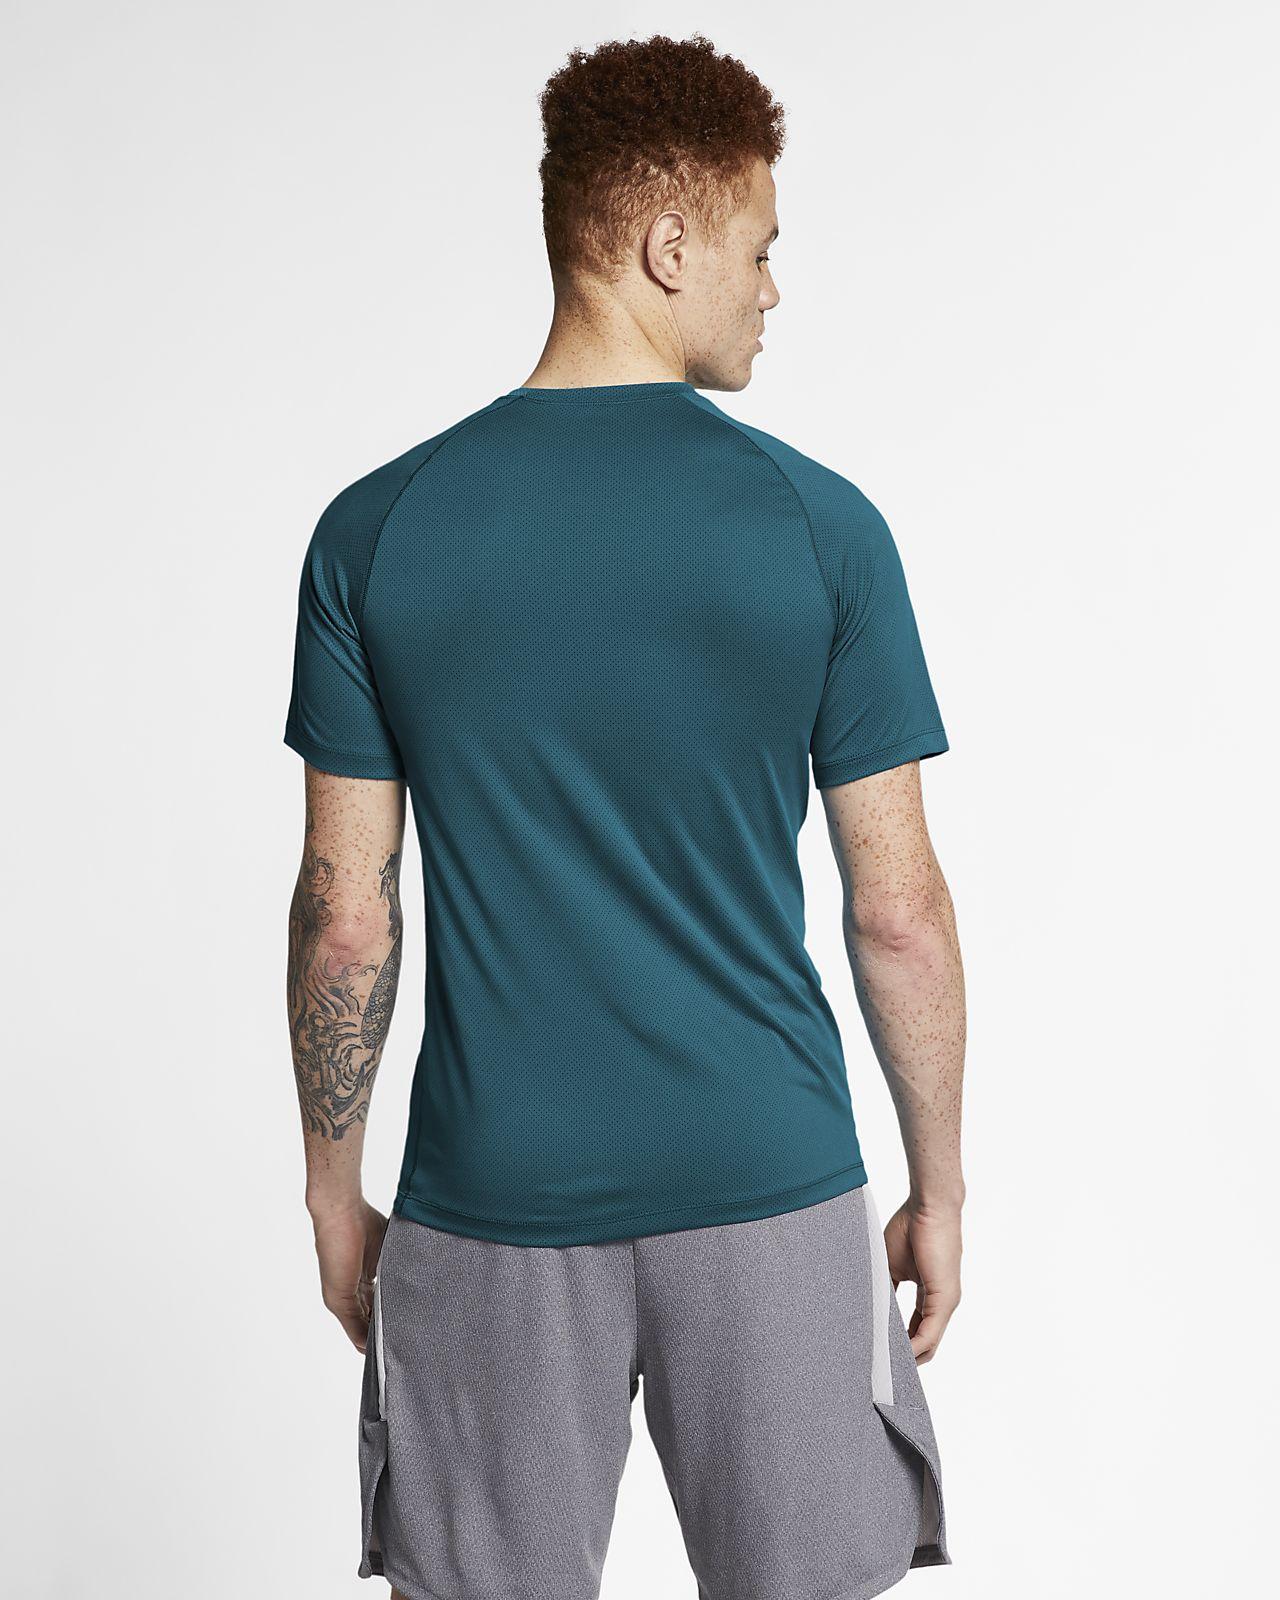 6416f907277f0 Maglia a manica corta Nike Pro - Uomo. Nike.com IT